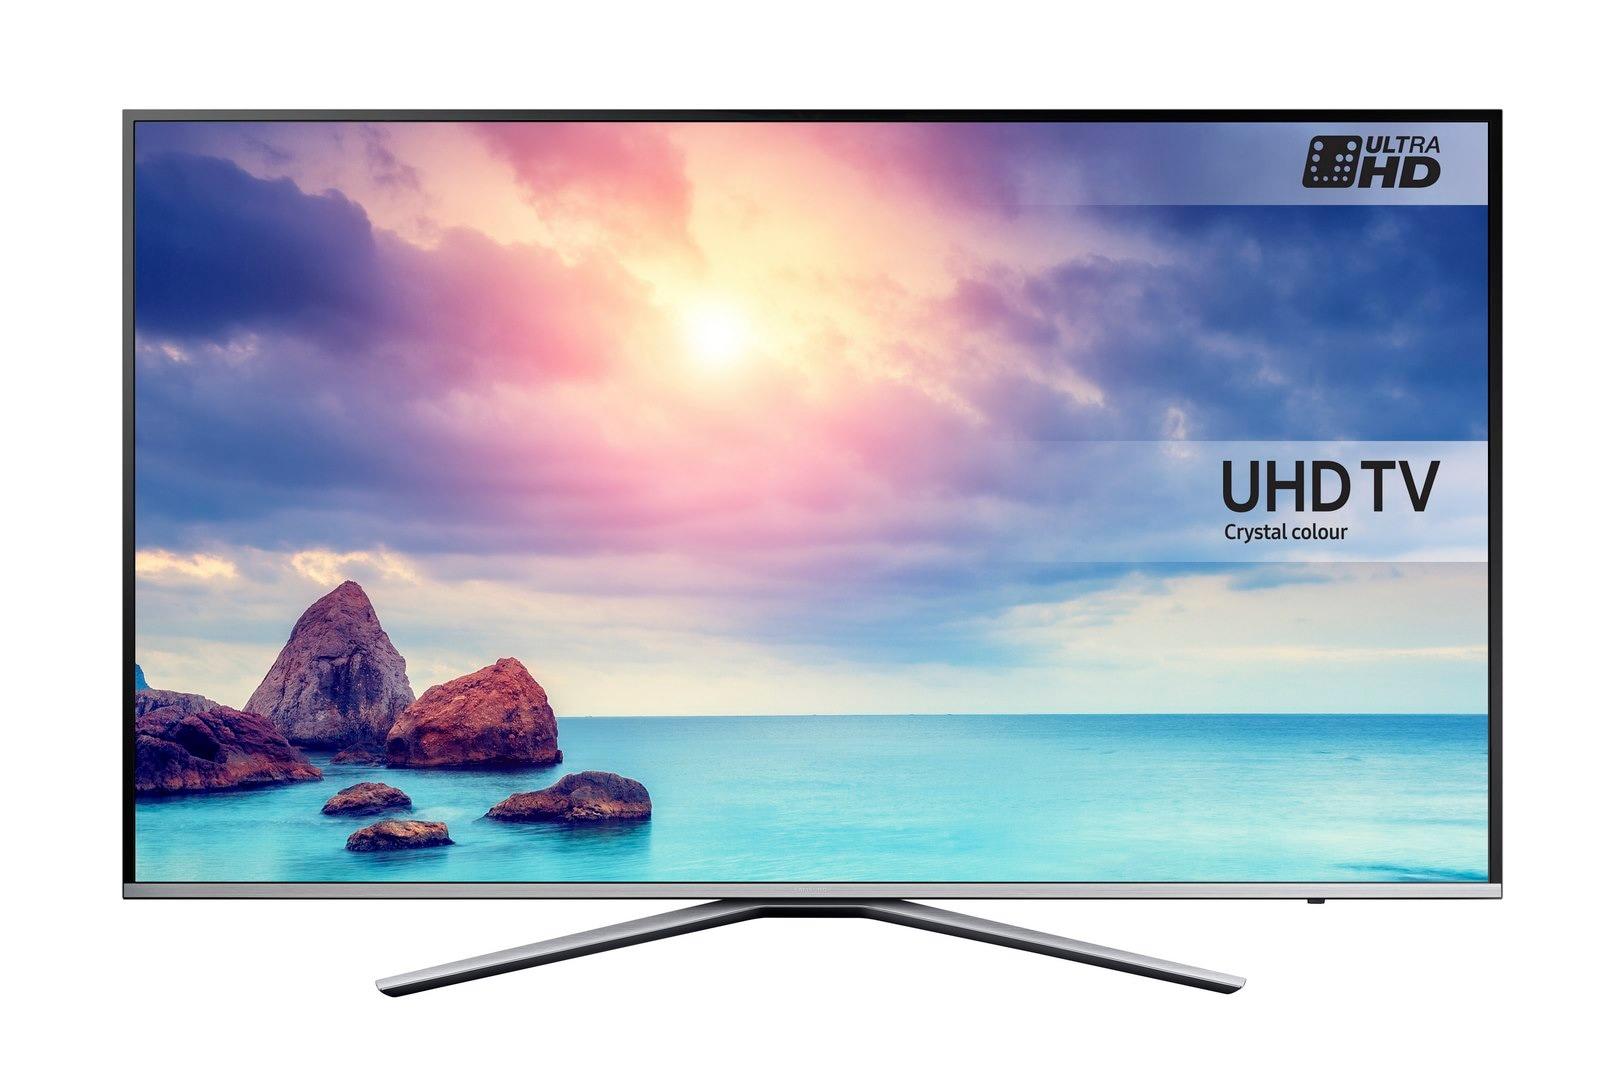 6-Series UHD TV UE55KU6400